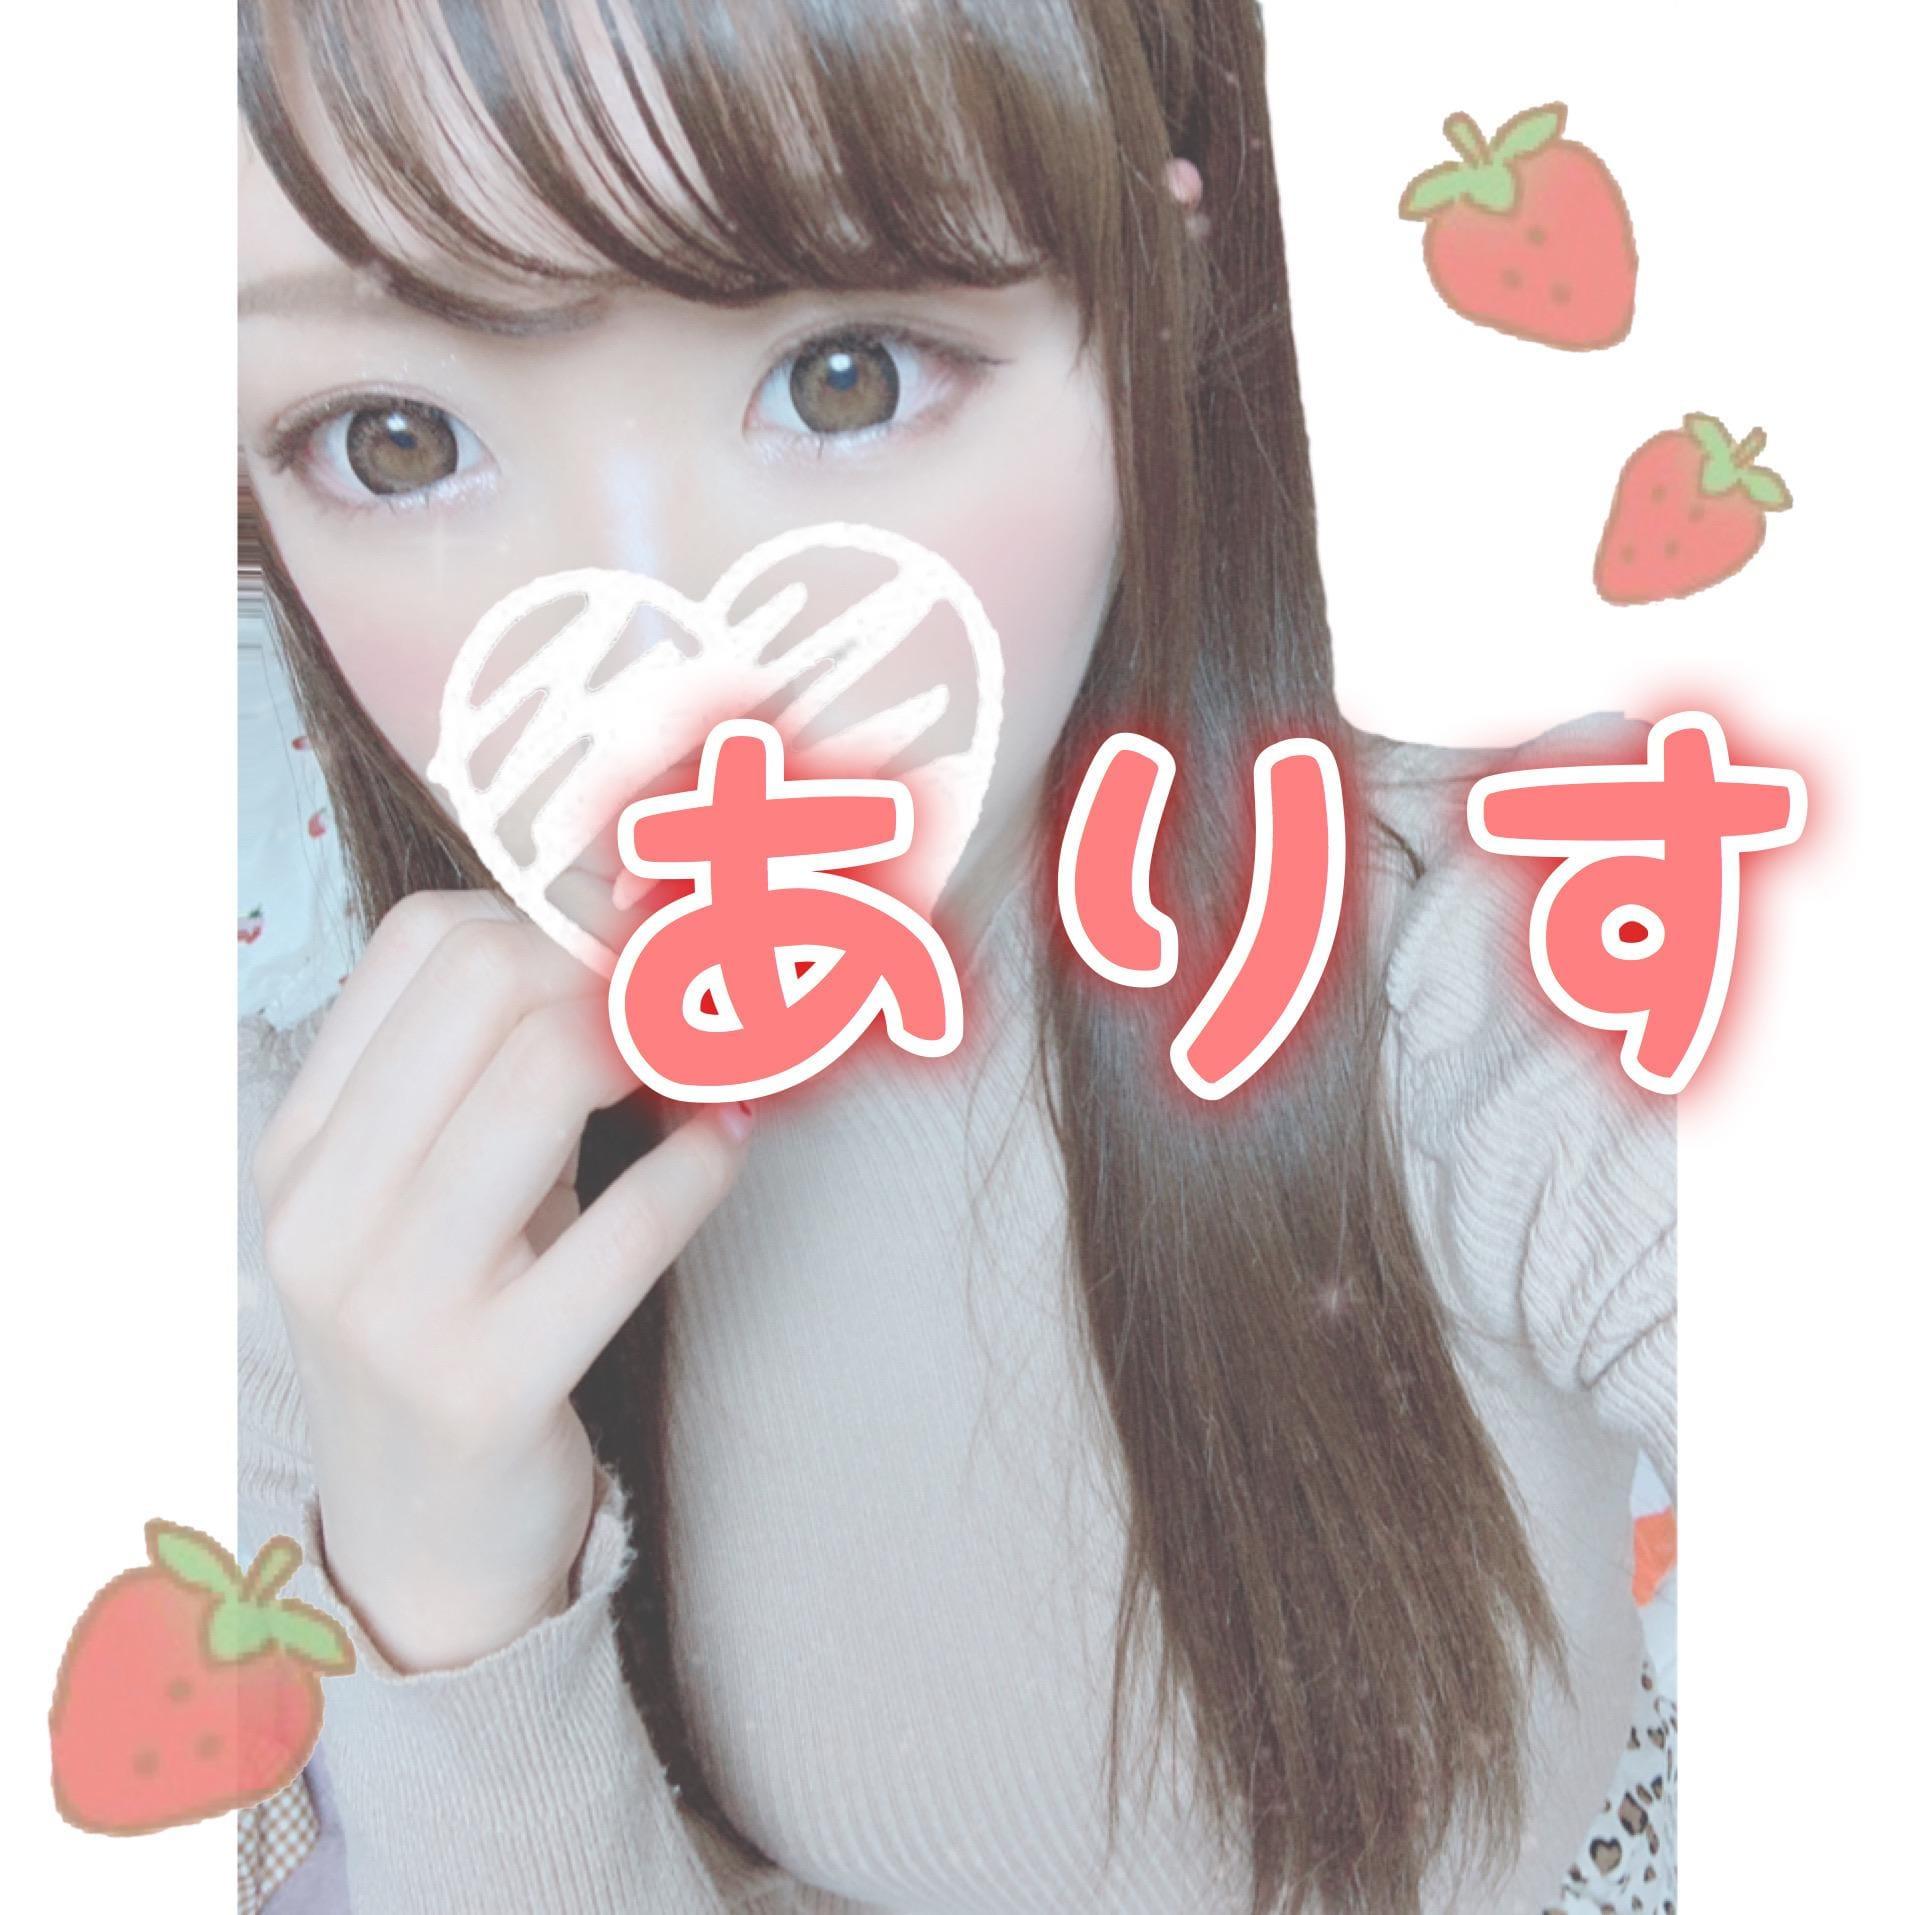 「向かってます!」03/29(日) 19:03 | ありすの写メ・風俗動画